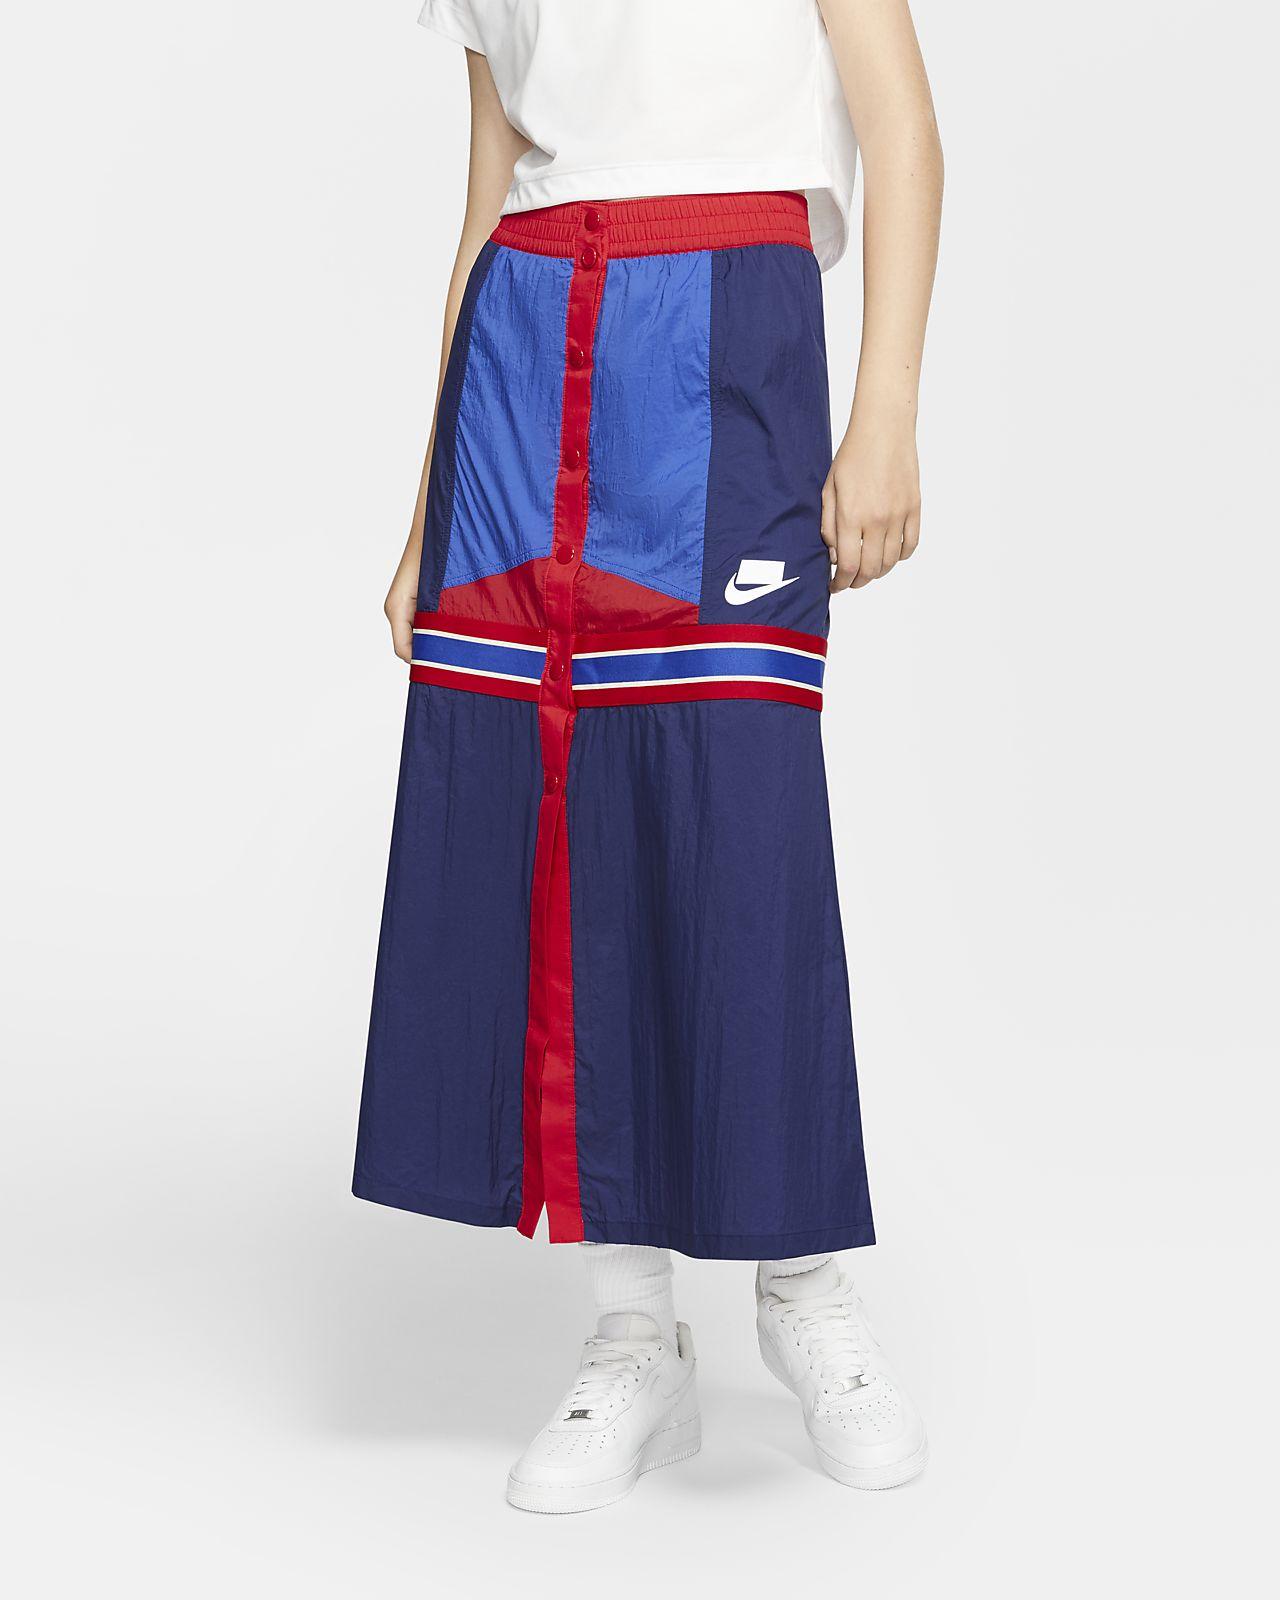 Nike Sportswear NSW Rok